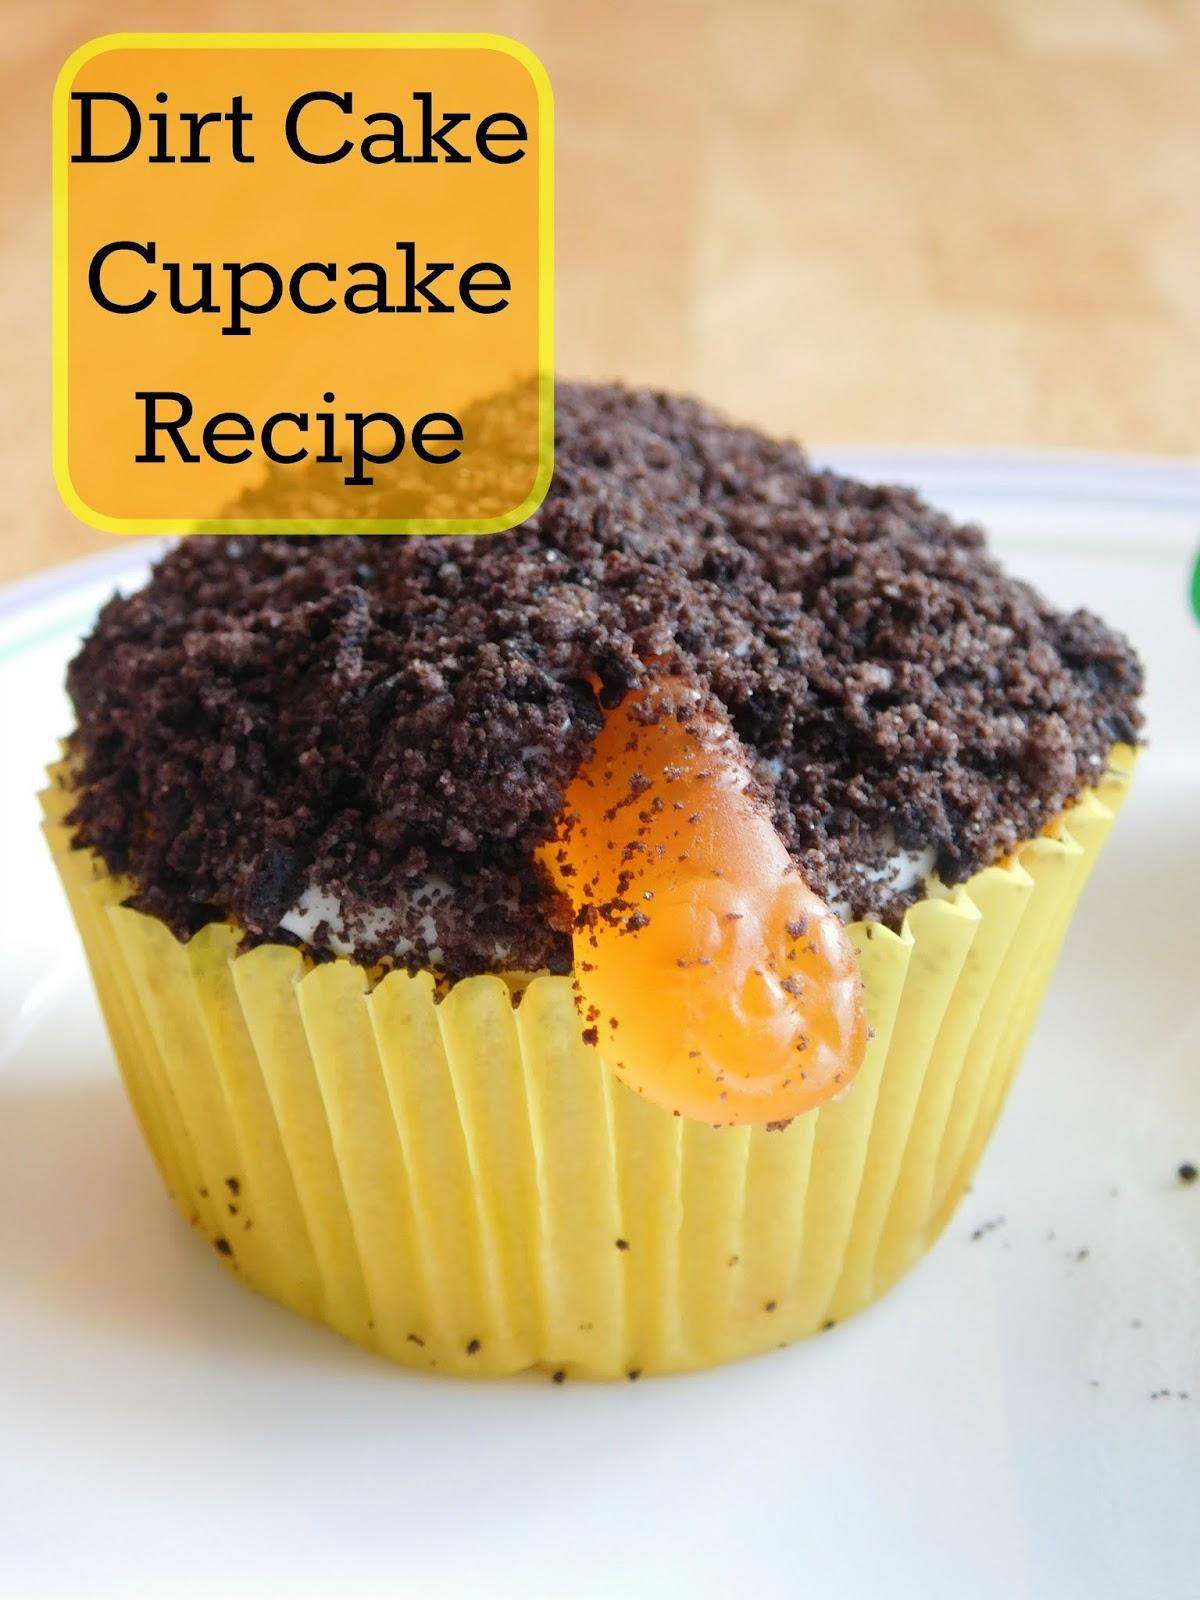 Dirt Cake Cupcakes